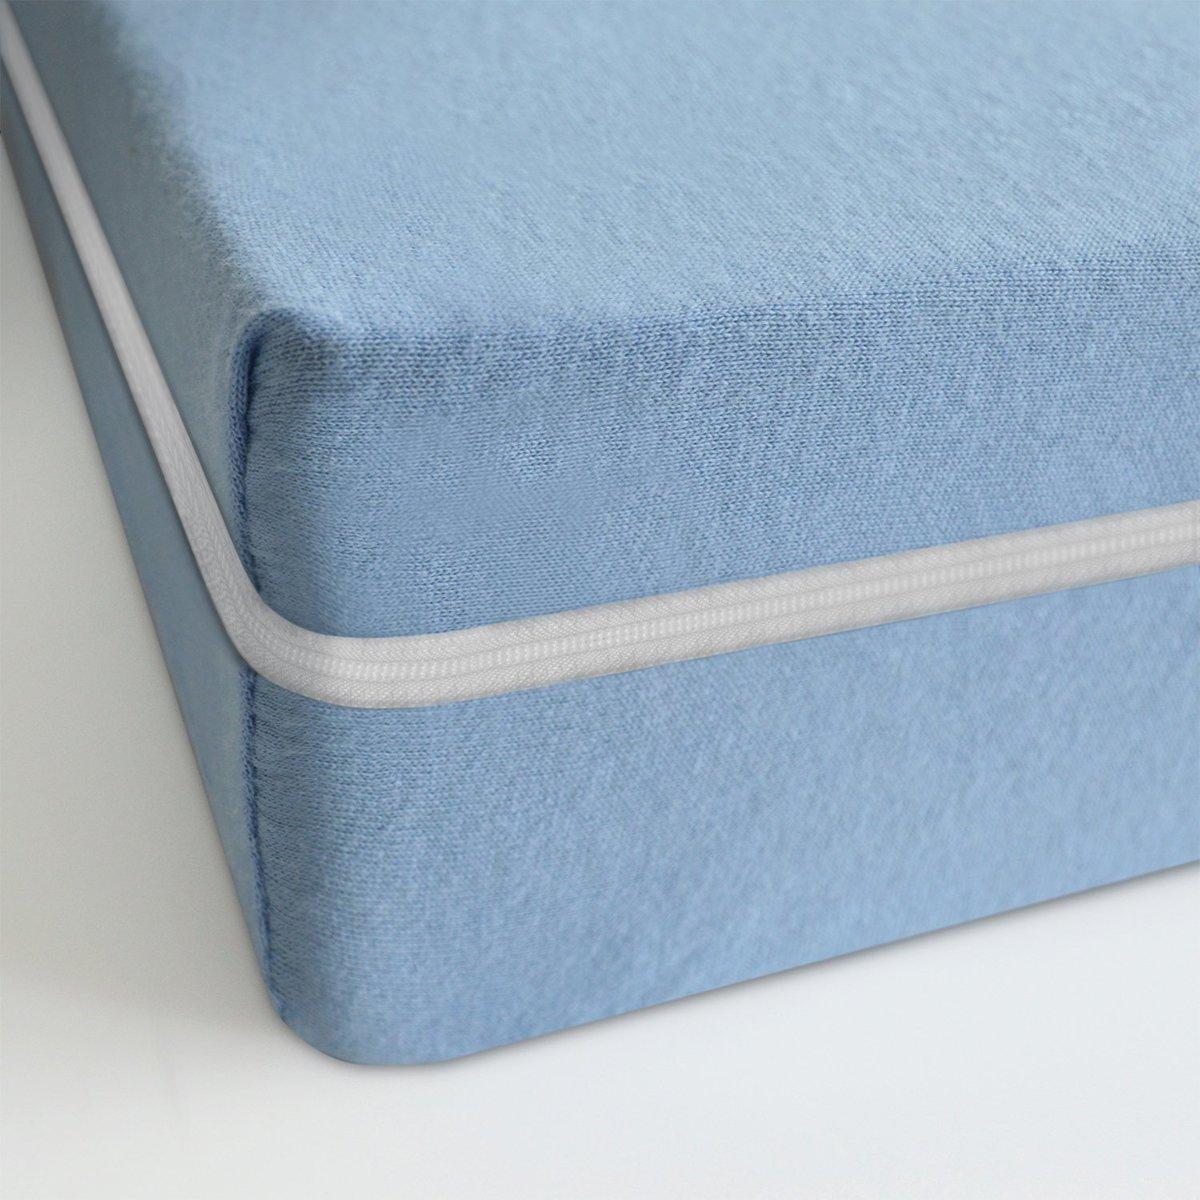 Matras - 140x200 - comfortschuim - goedkope matras - blauw